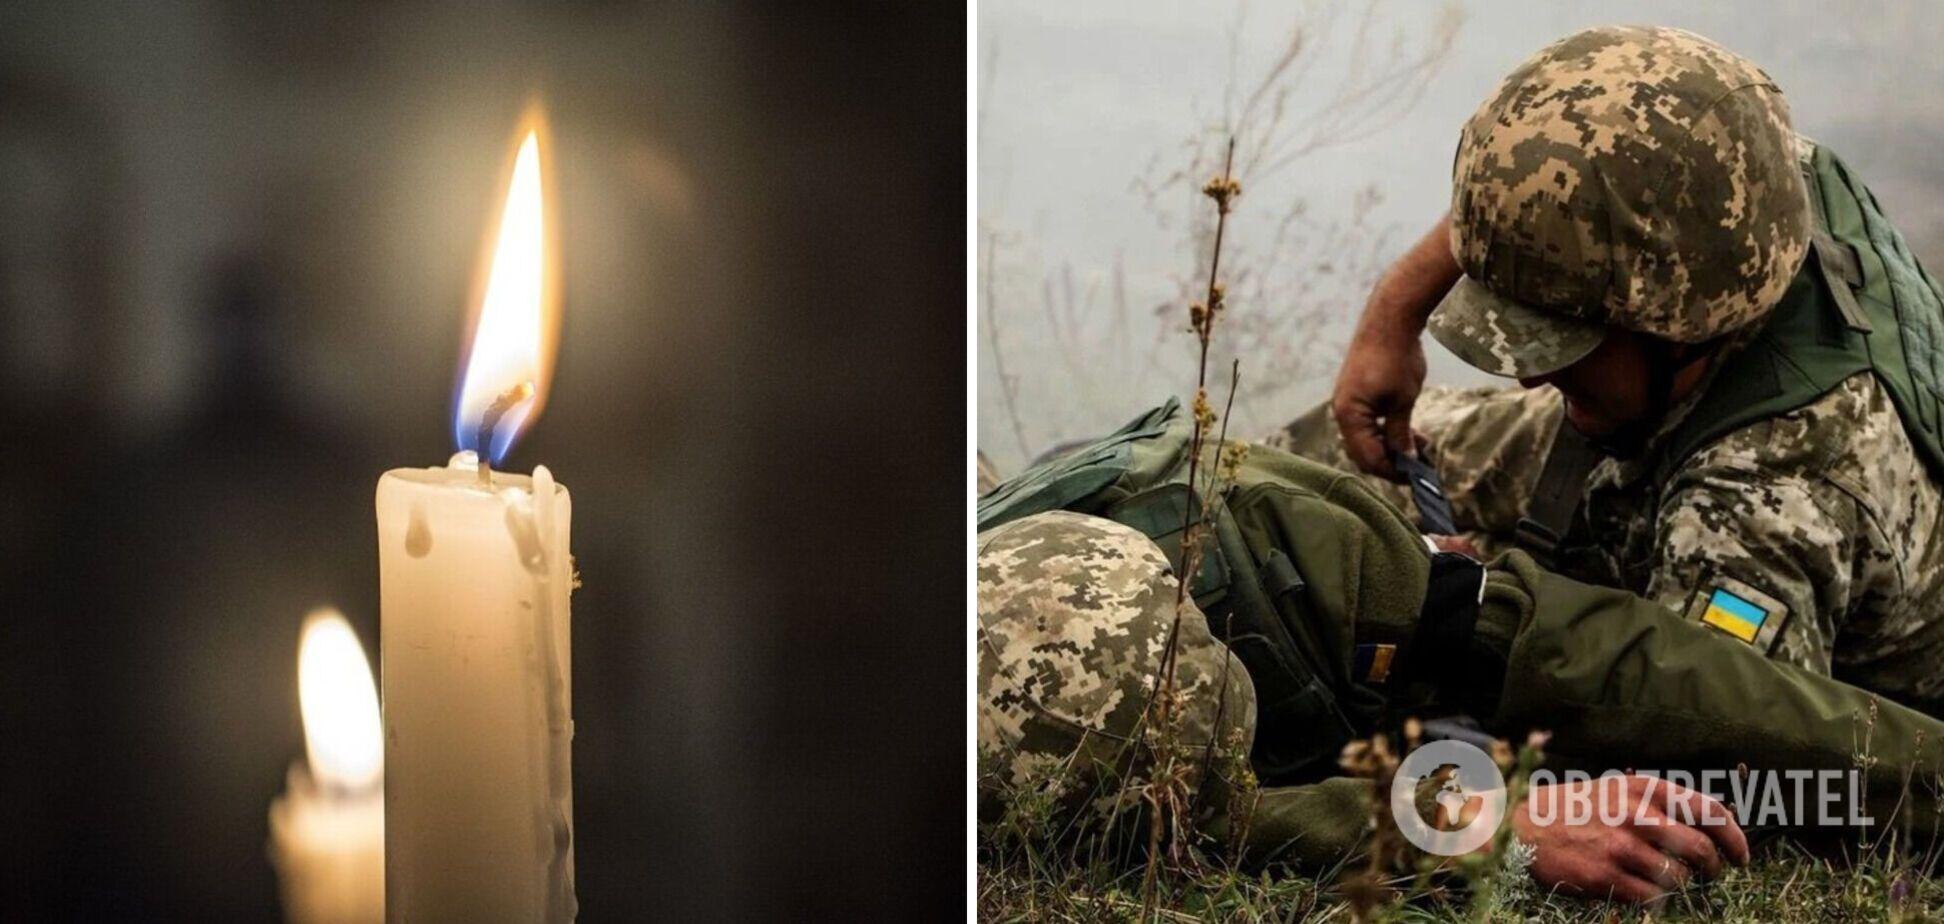 Названо ім'я Героя, вбитого найманцями РФ на Донбасі